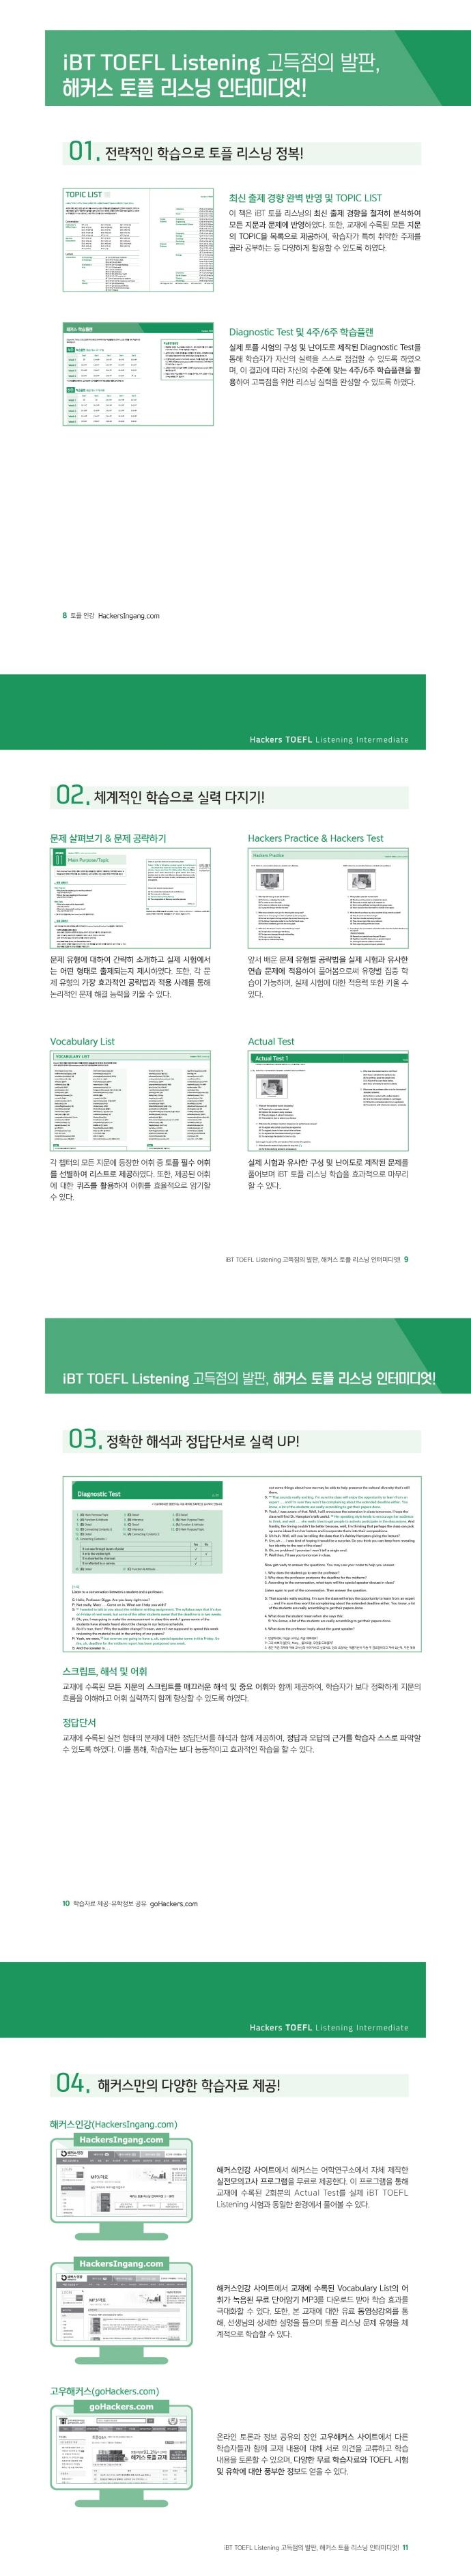 해커스 토플 리스닝 인터미디엇(Hackers TOEFL Listening Intermediate)(2nd iBT Edition)(개정판) 도서 상세이미지